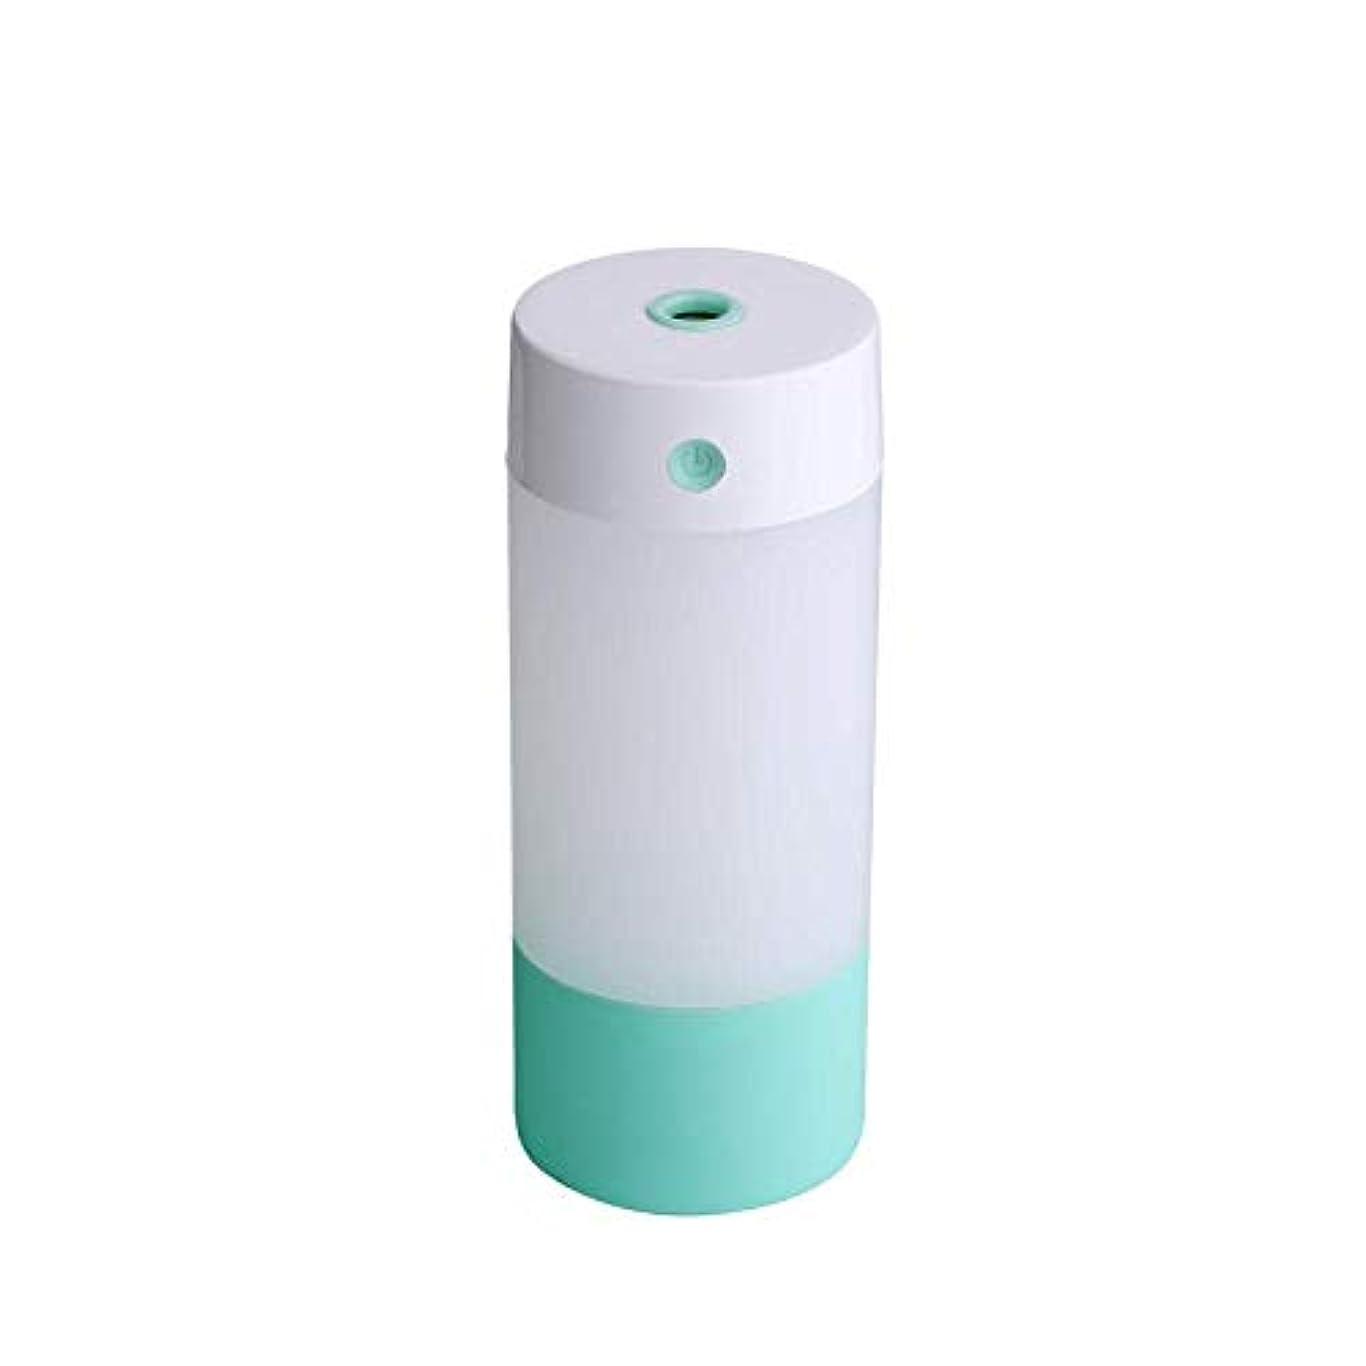 大聖堂品肥満SOTCE アロマディフューザー加湿器超音波霧化技術のライトカー満足のいく解決策連続霧モード湿潤環境 (Color : Green)